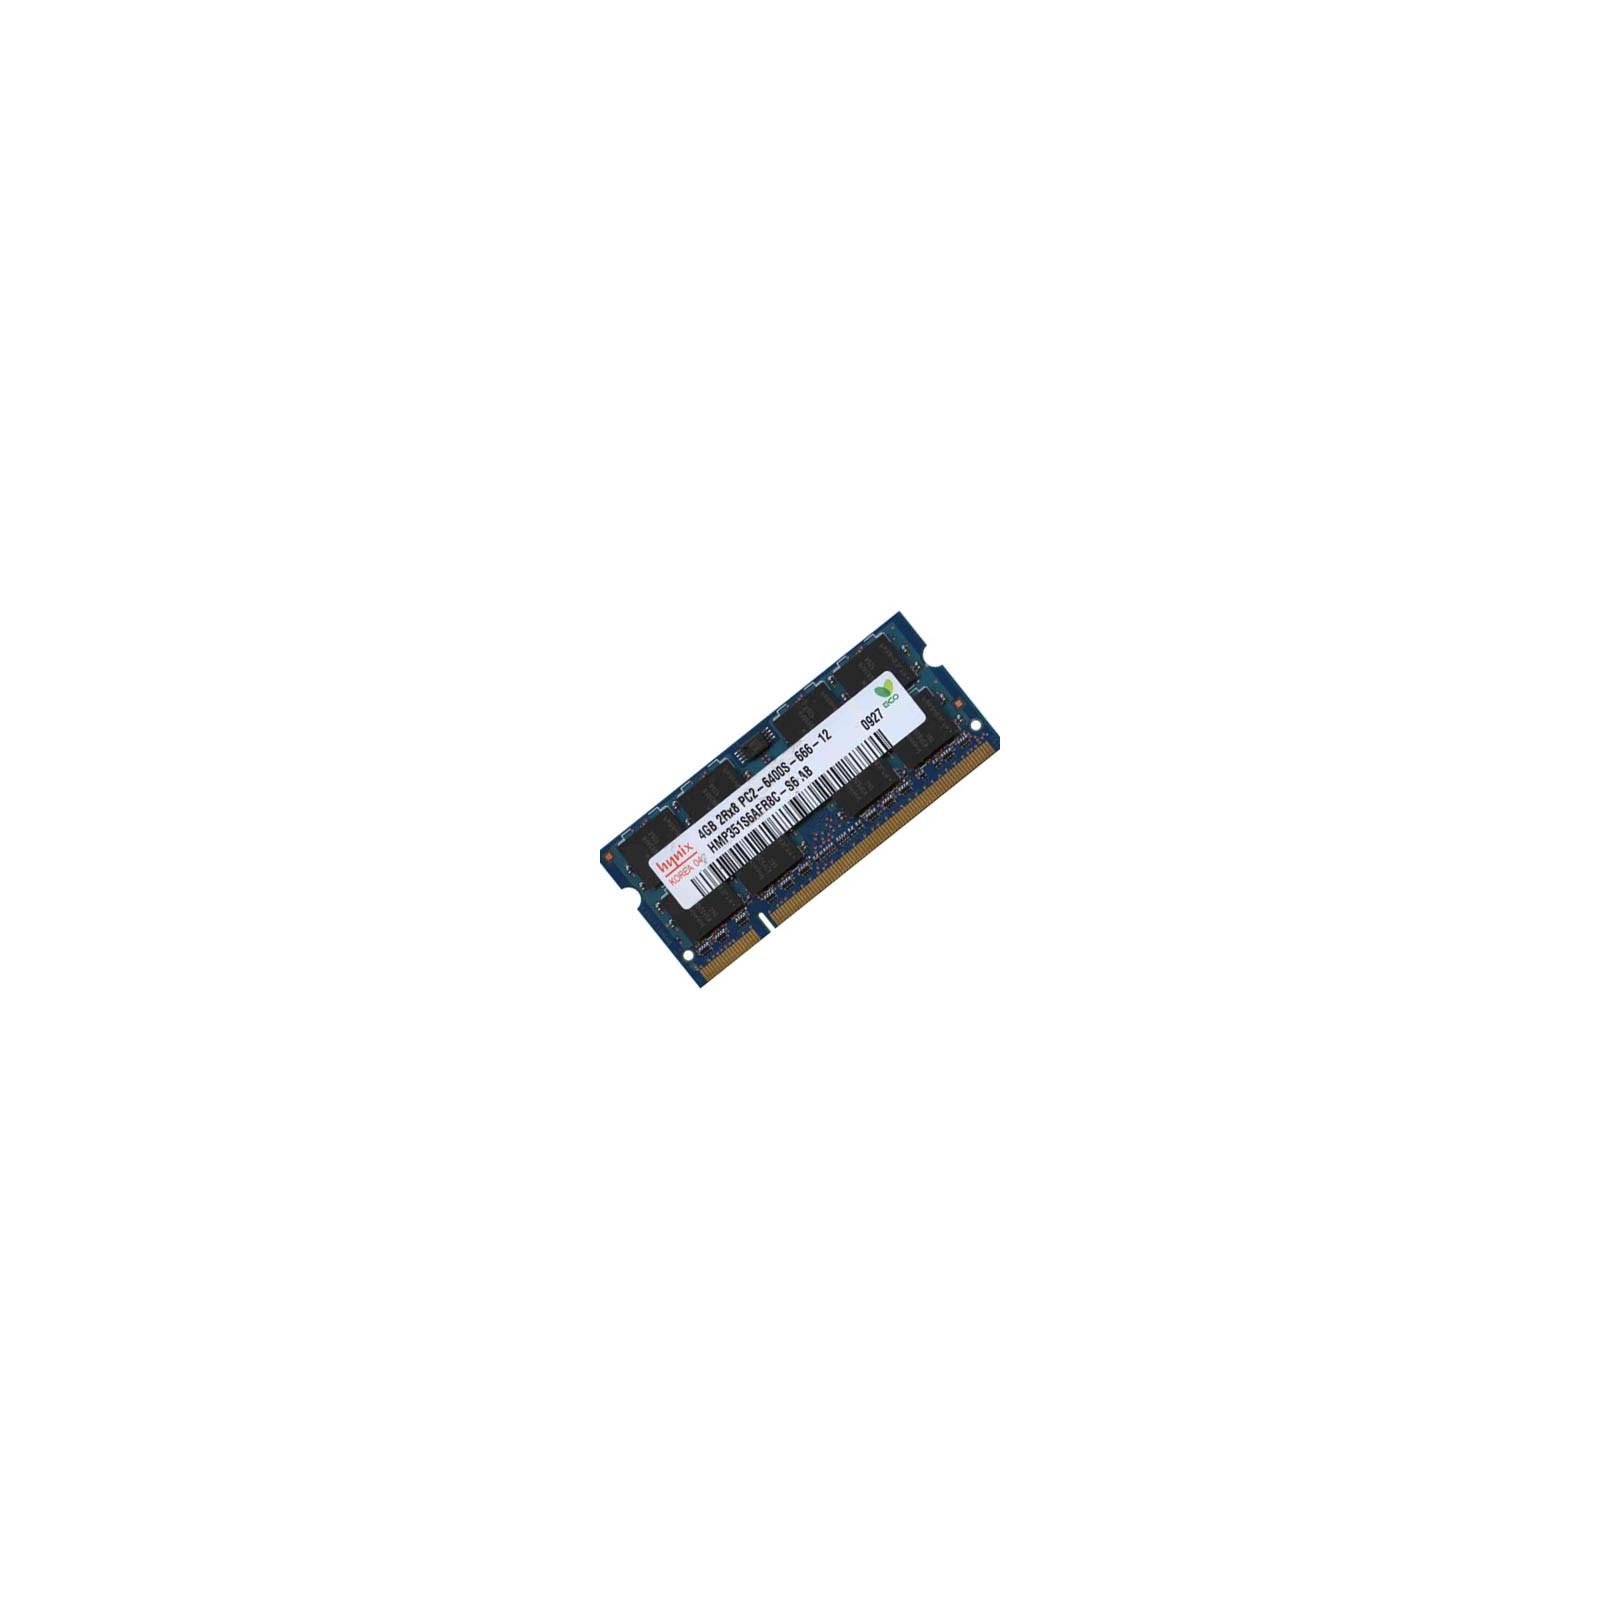 Модуль памяти для ноутбука SoDIMM DDR2 4GB 800 MHz Hynix (HMP351S6AFR8C-S6)